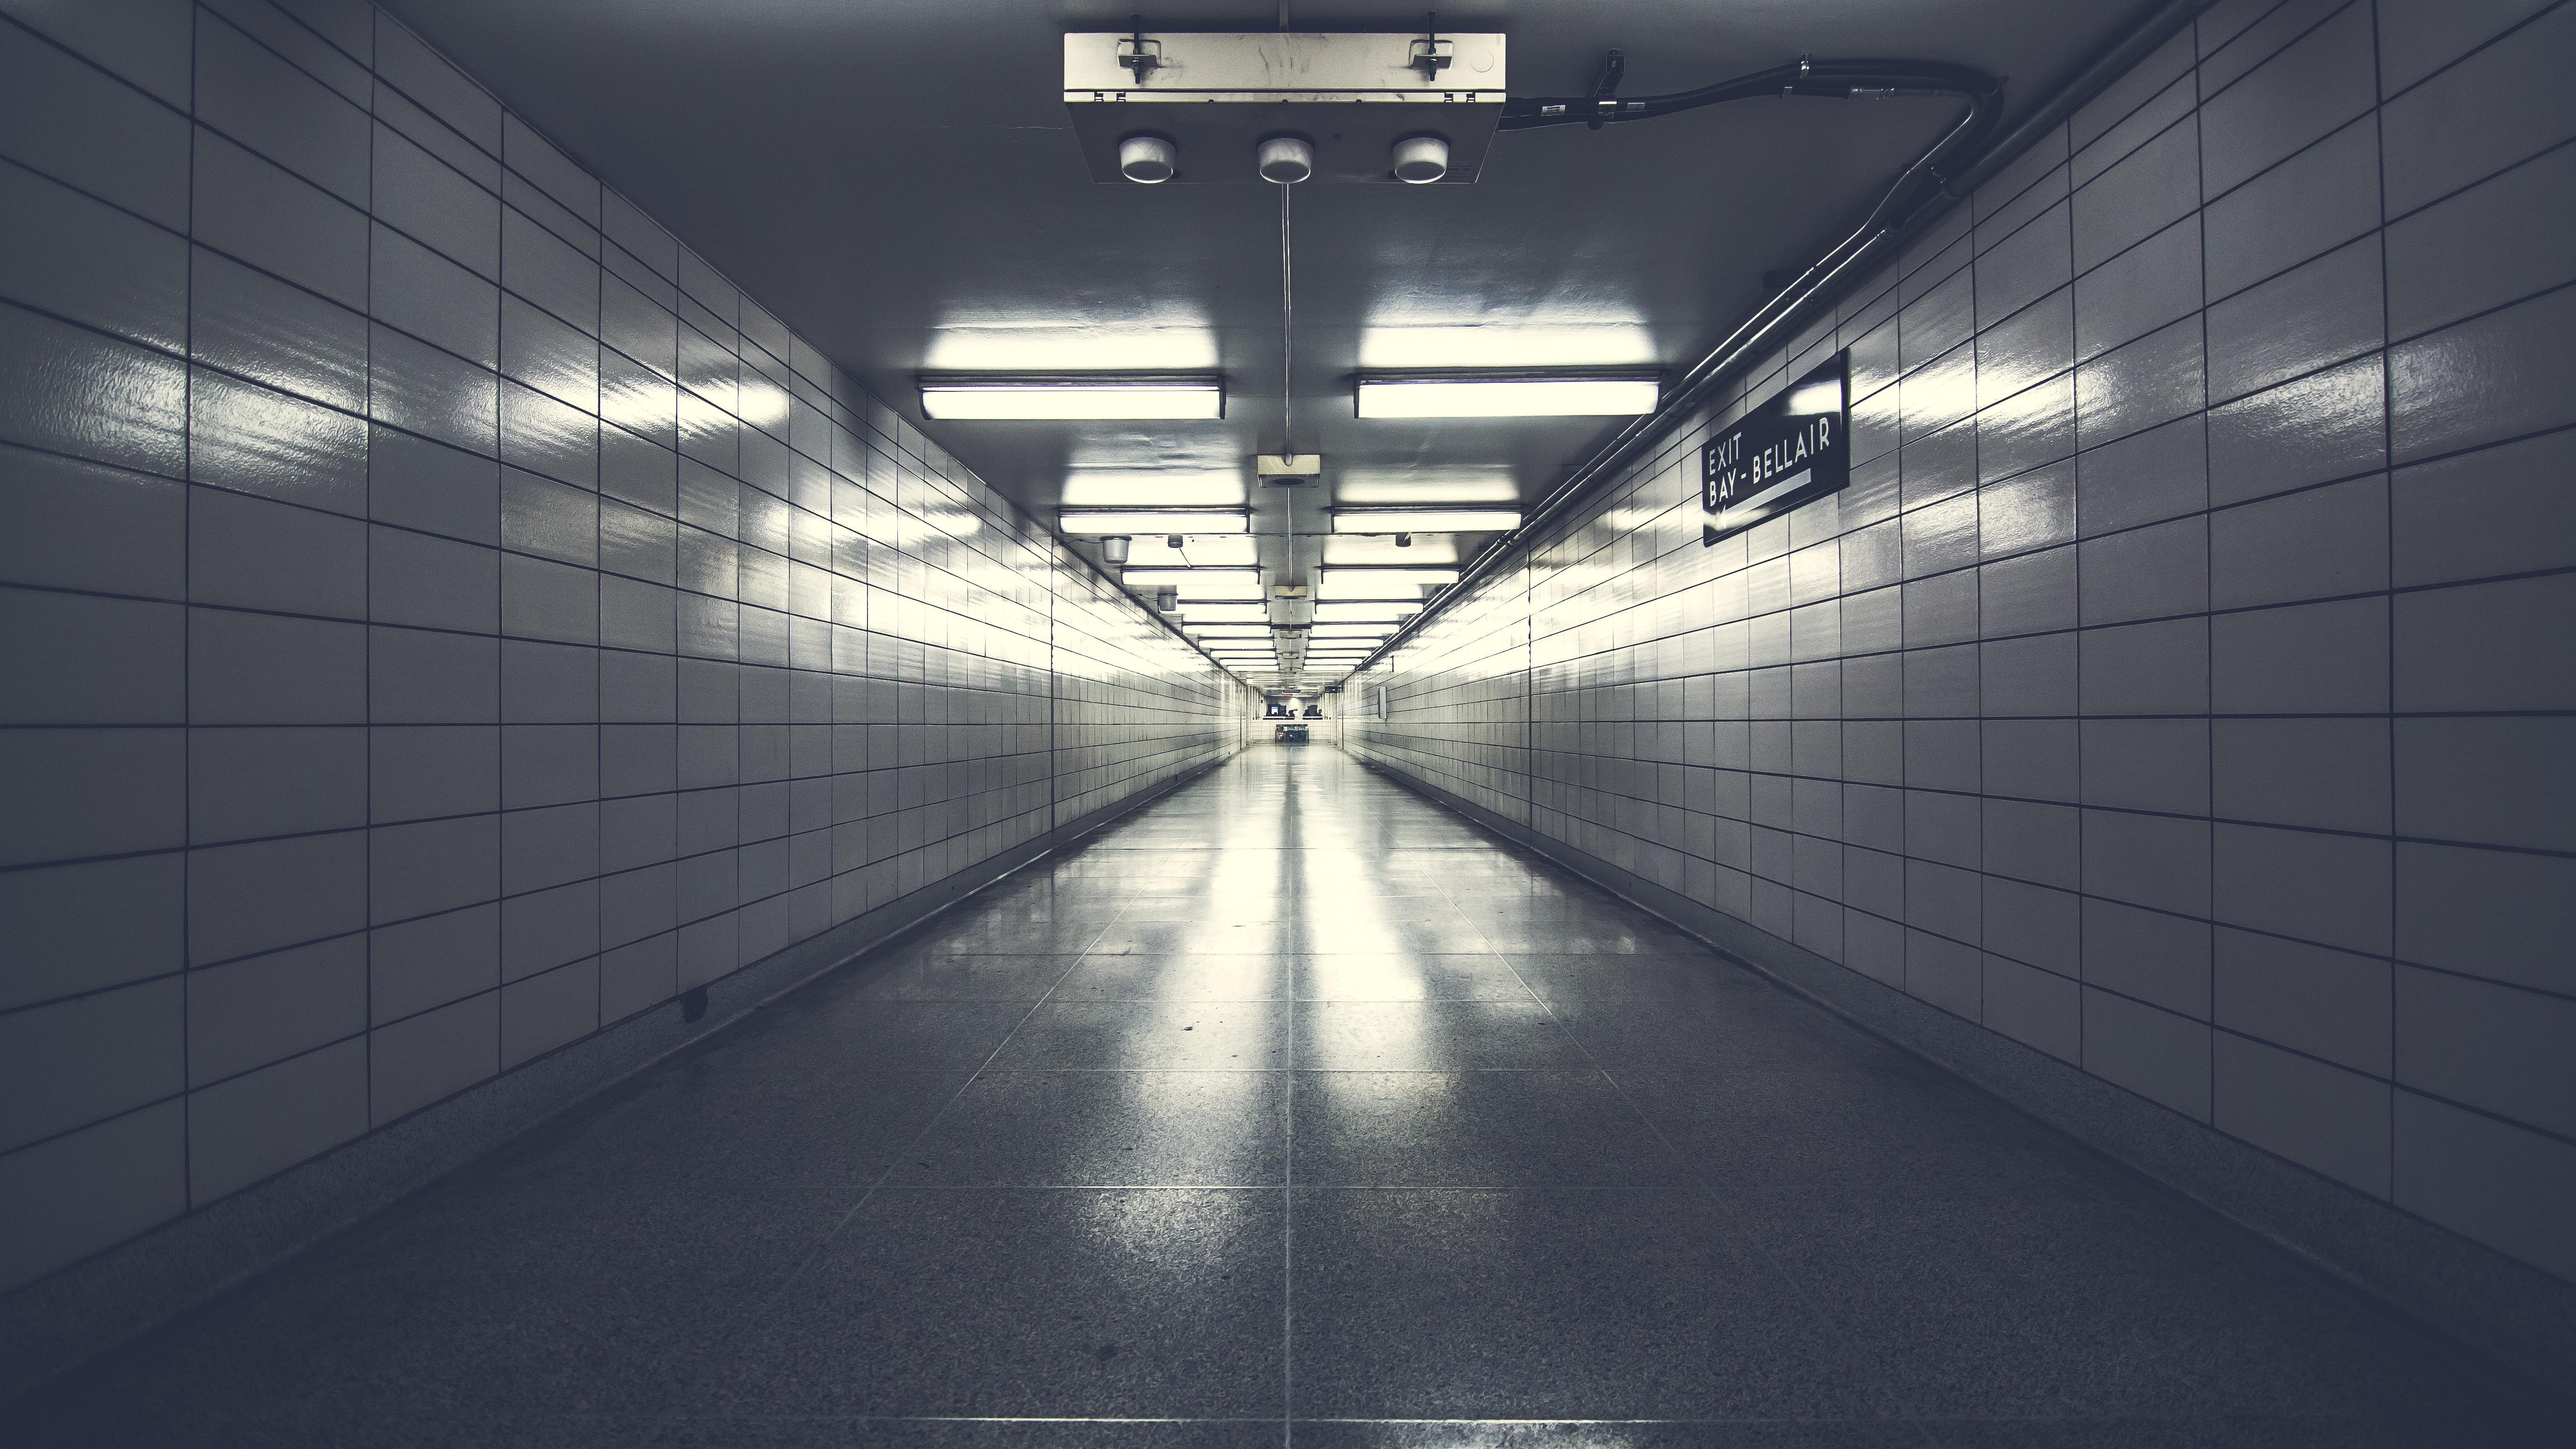 Gratis Afbeeldingen : licht, wit, tunnel, metro, lijn, hal ...